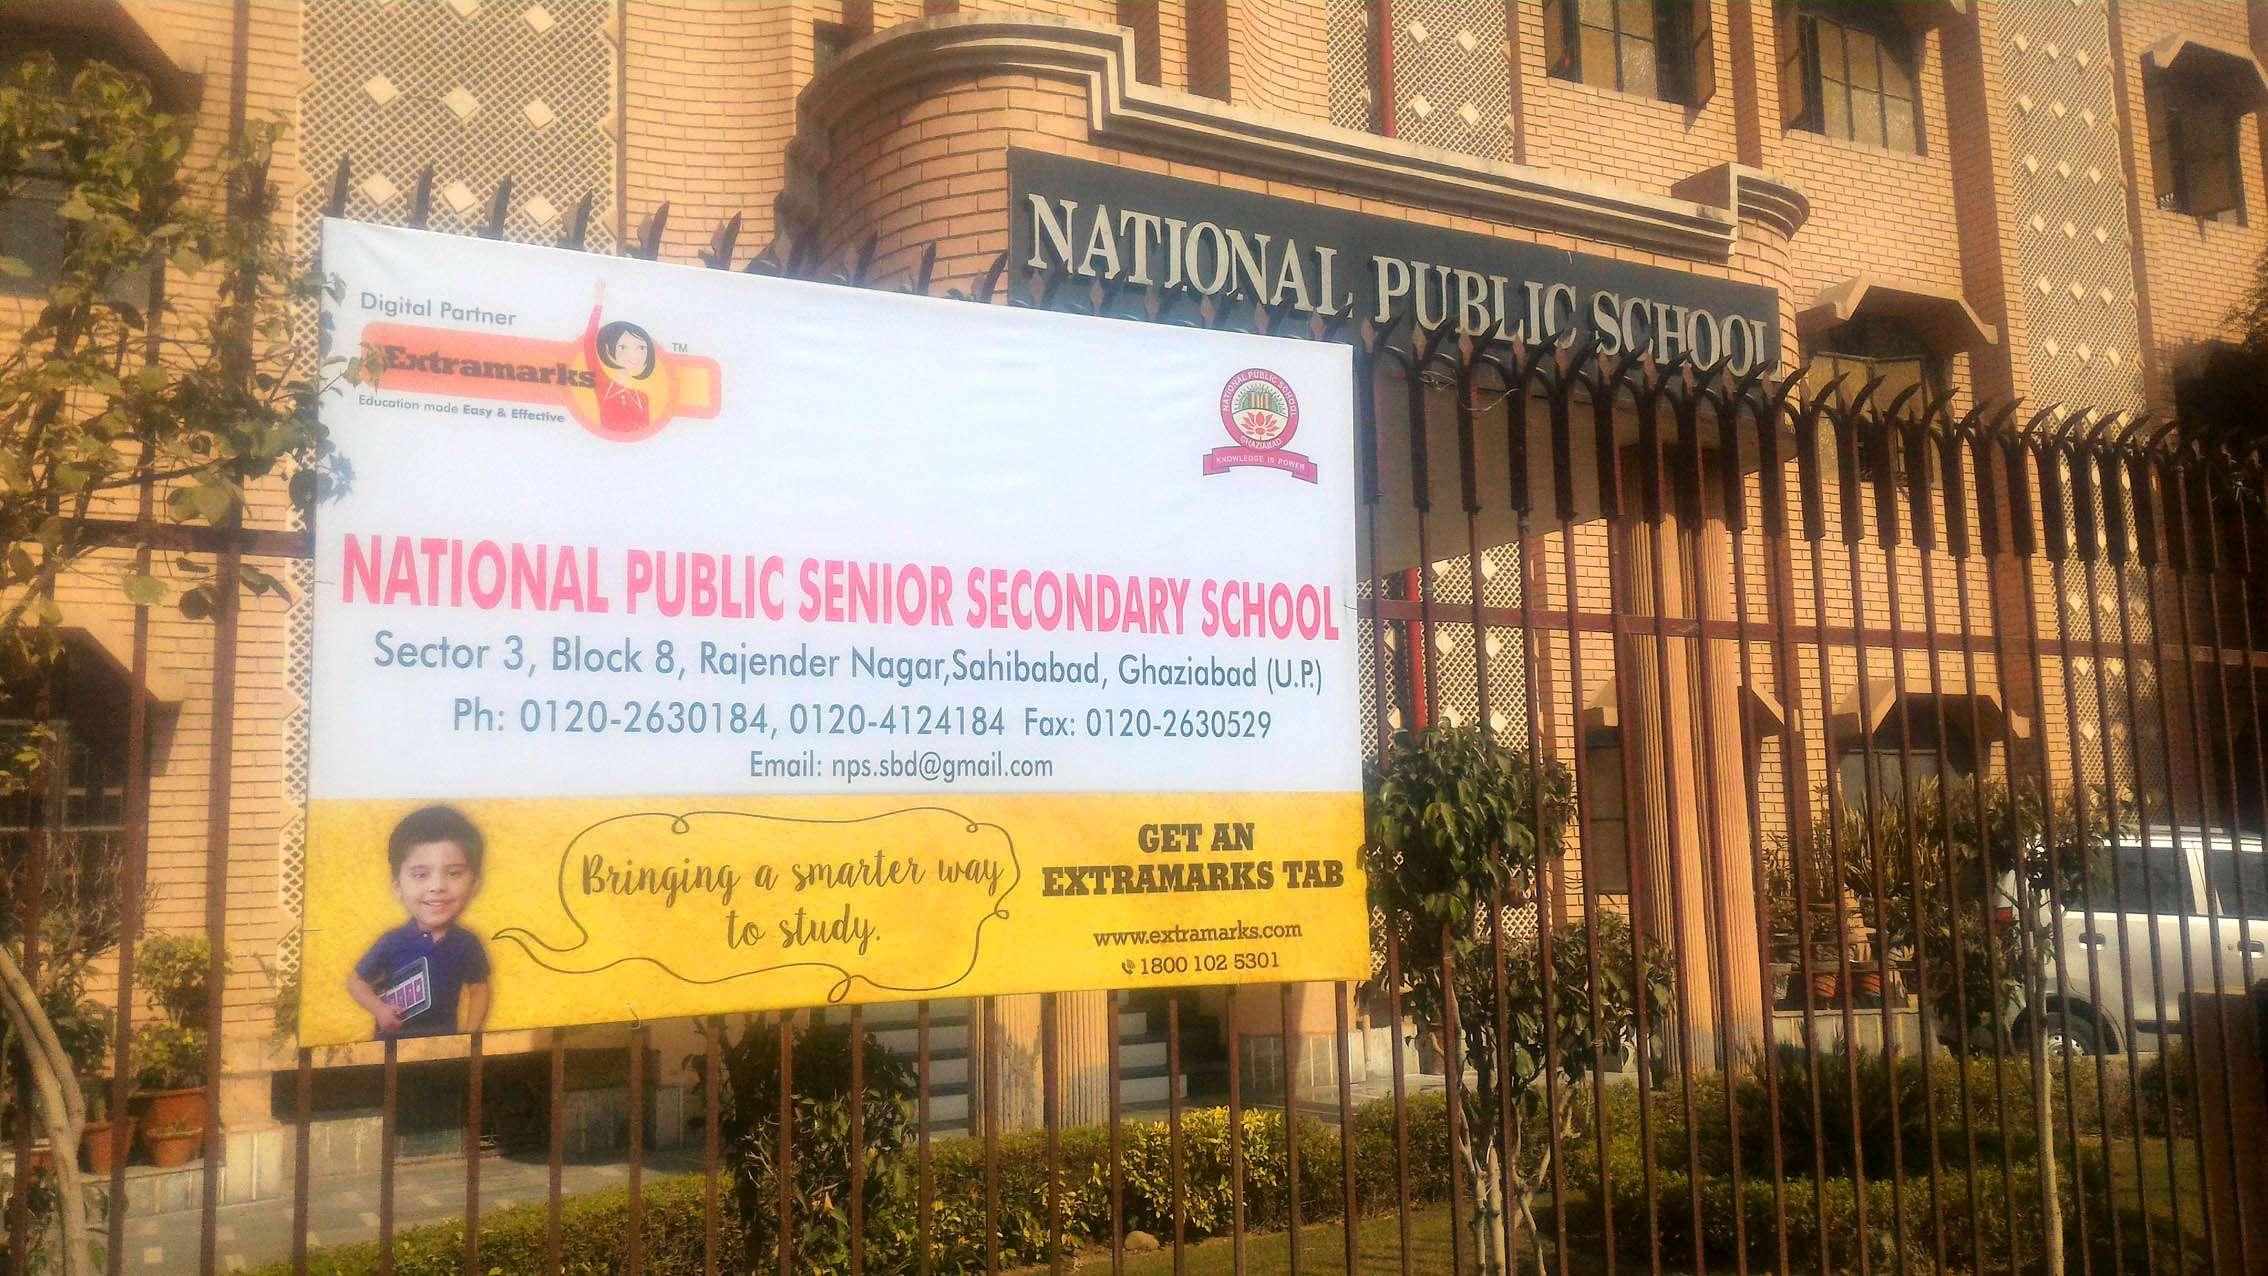 NATIONAL PUBLIC SCHOOL SECTOR III BLOCK 8 RAJENDRA NAGAR SAHIBABAD GHAZIABAD UTTAR PRADESH 2130202